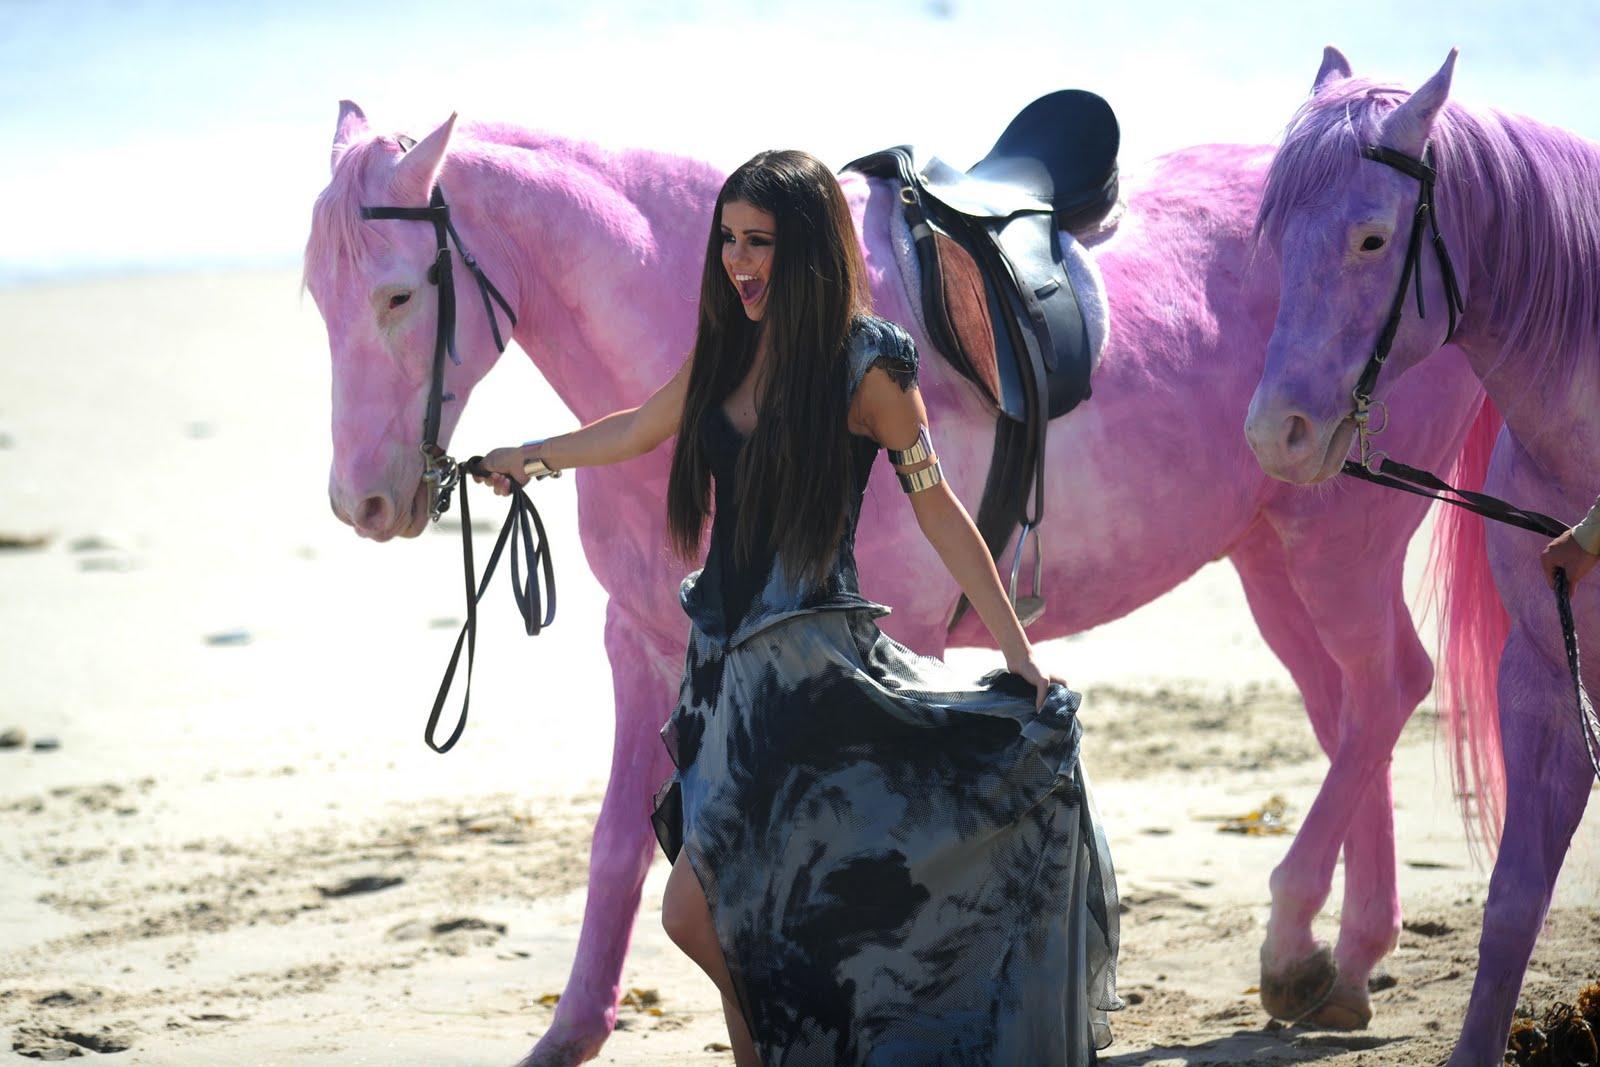 ♥ LetsGetGoddess: Pink critica a Selena Gómez por colorear caballos ...